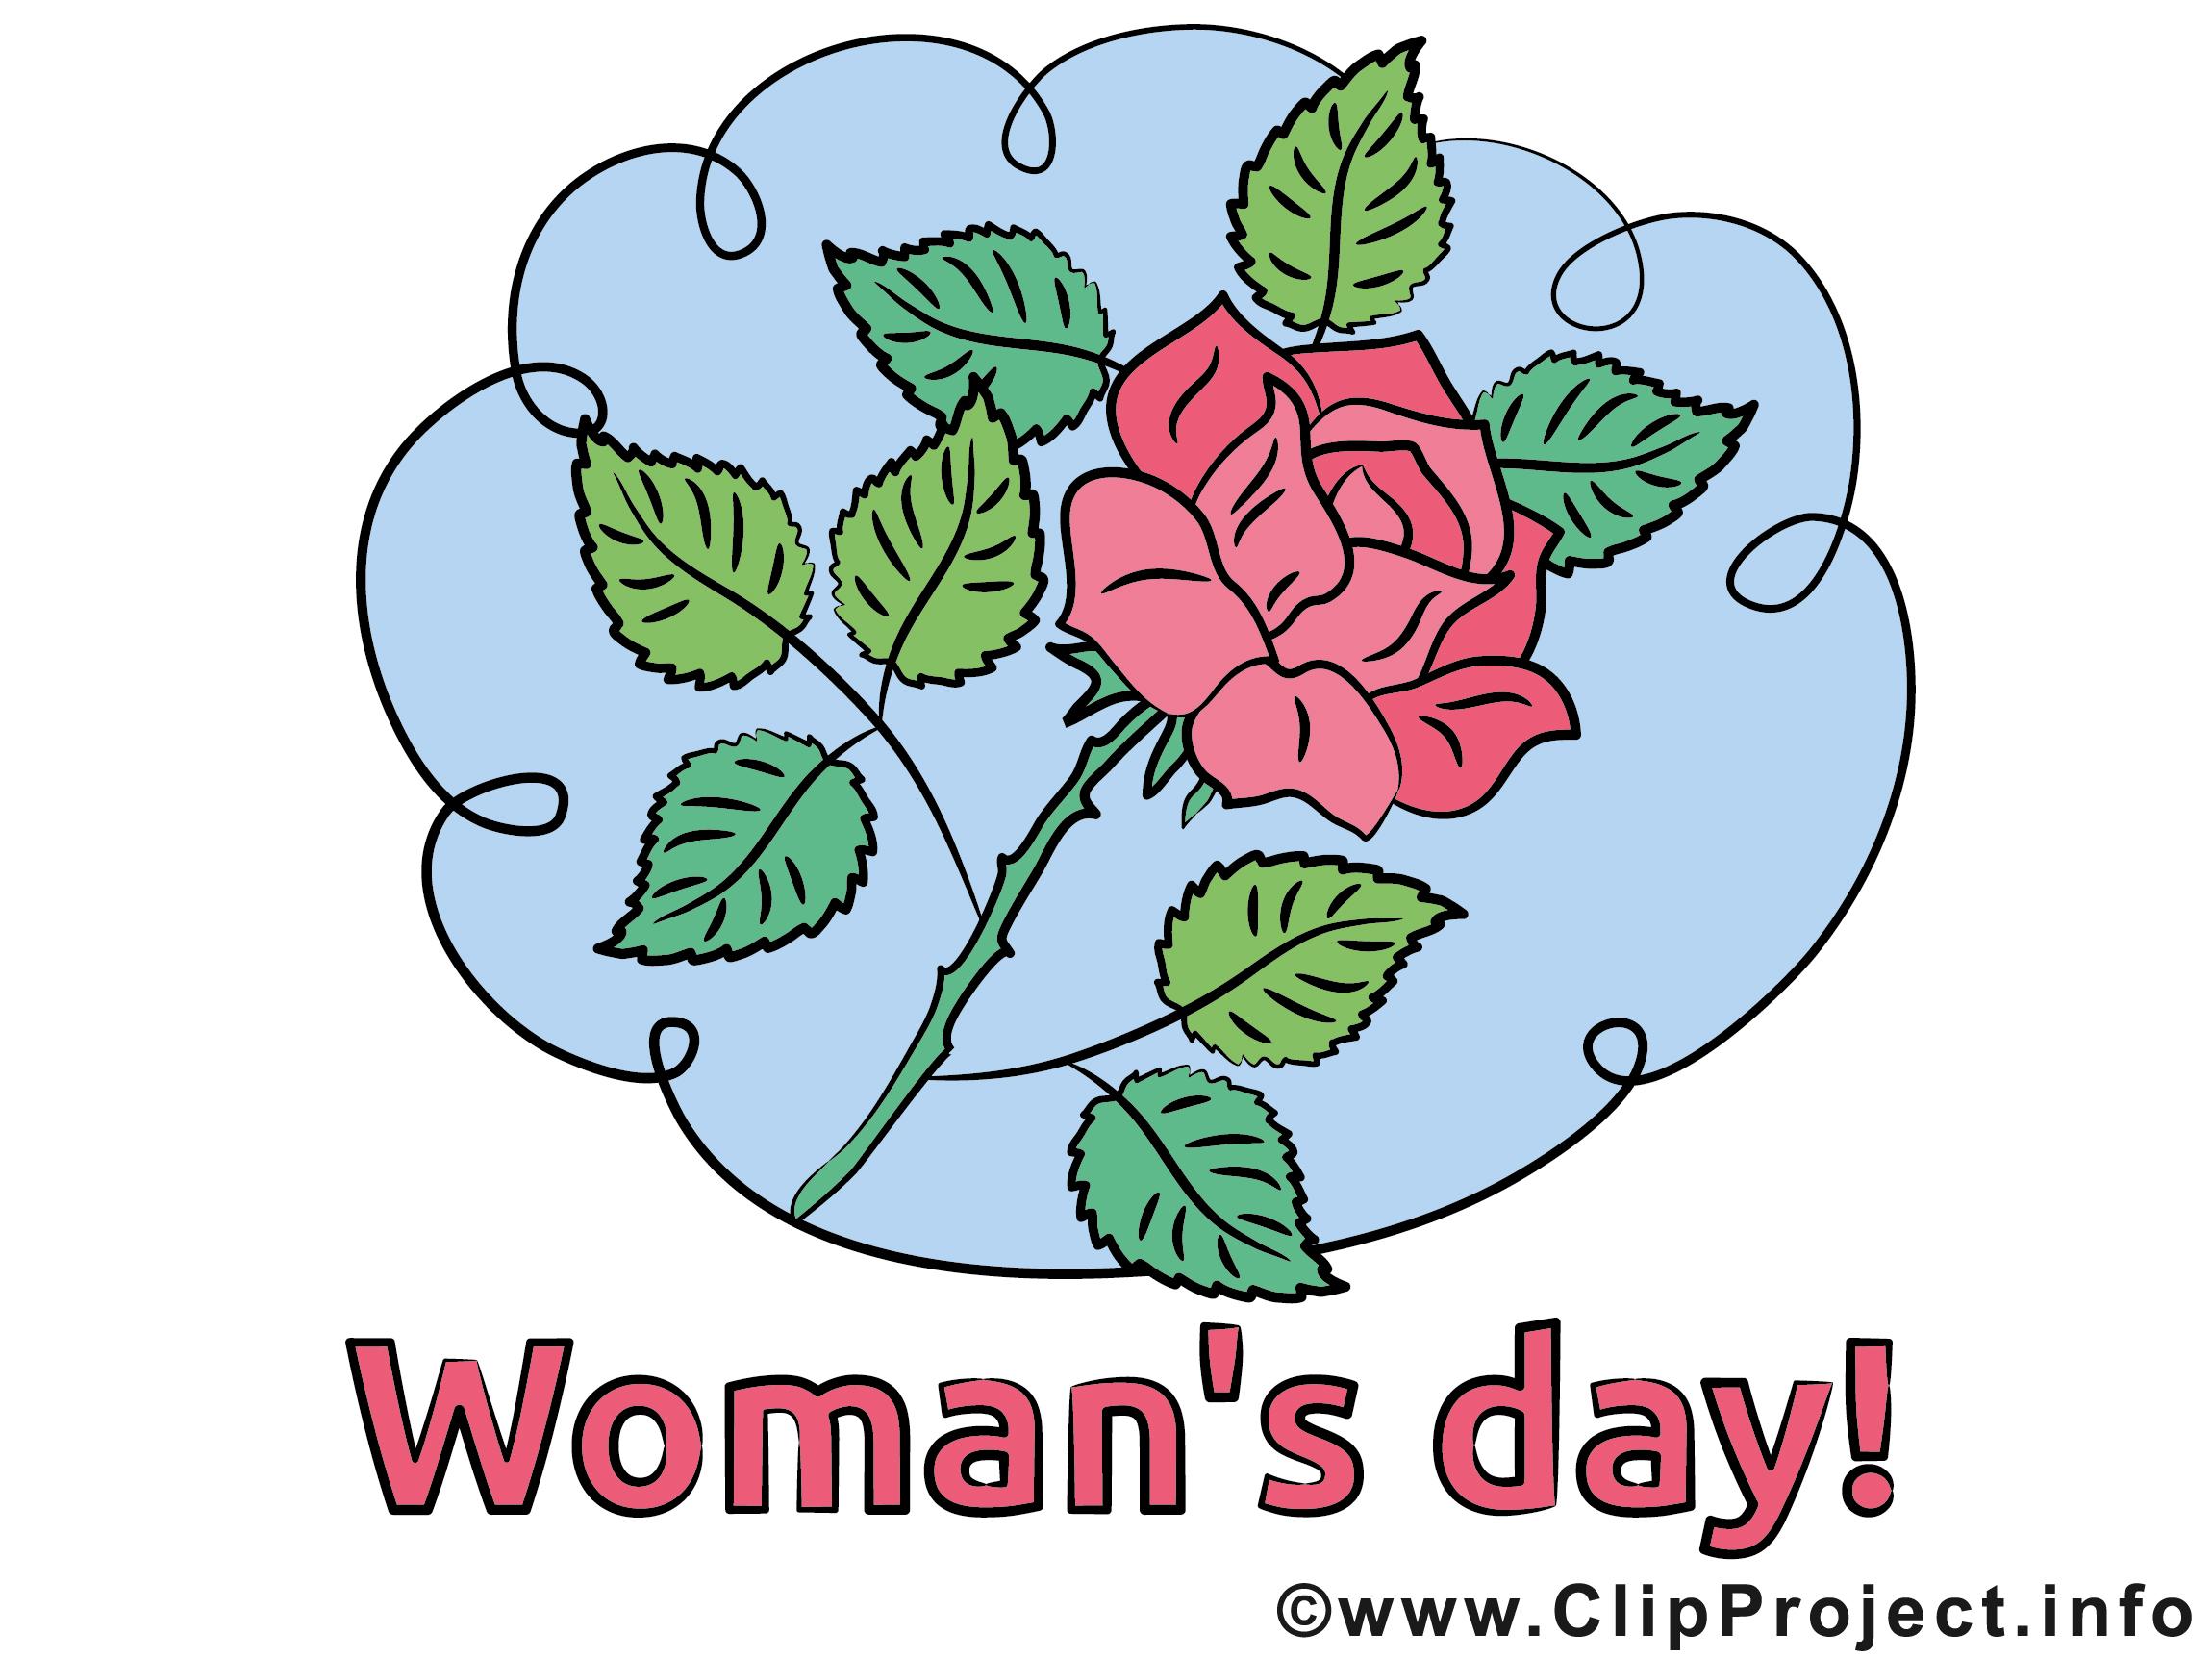 Blume Bilder zum Frauentag